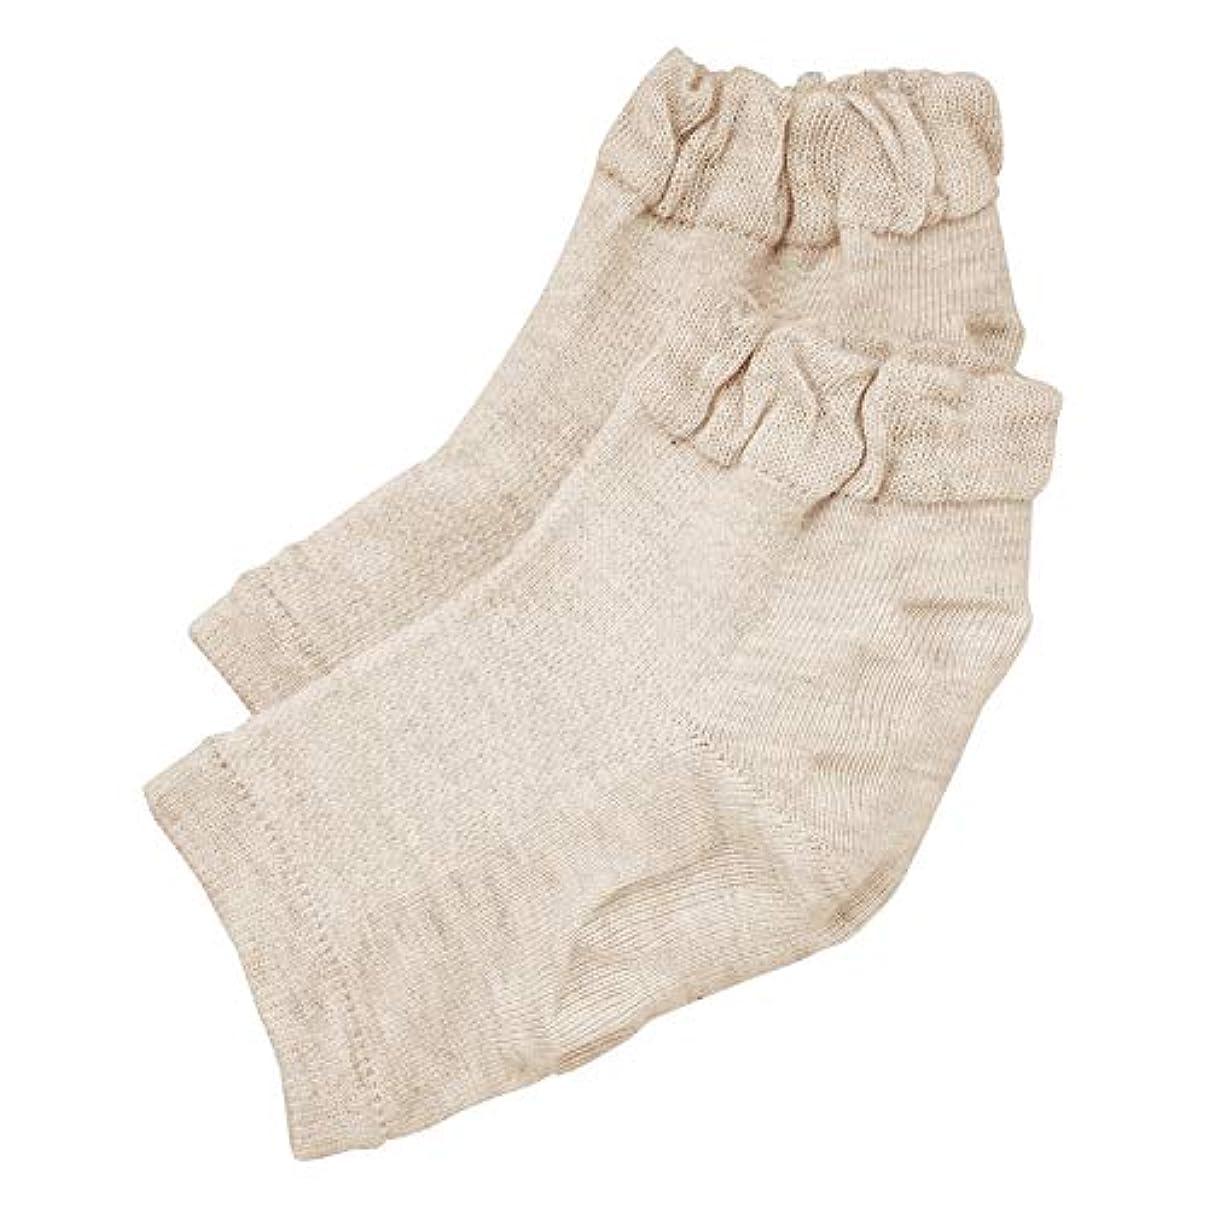 密度ディスク能力履き口ゆったりかかとつるり ケア 靴下 ガサガサ 保湿